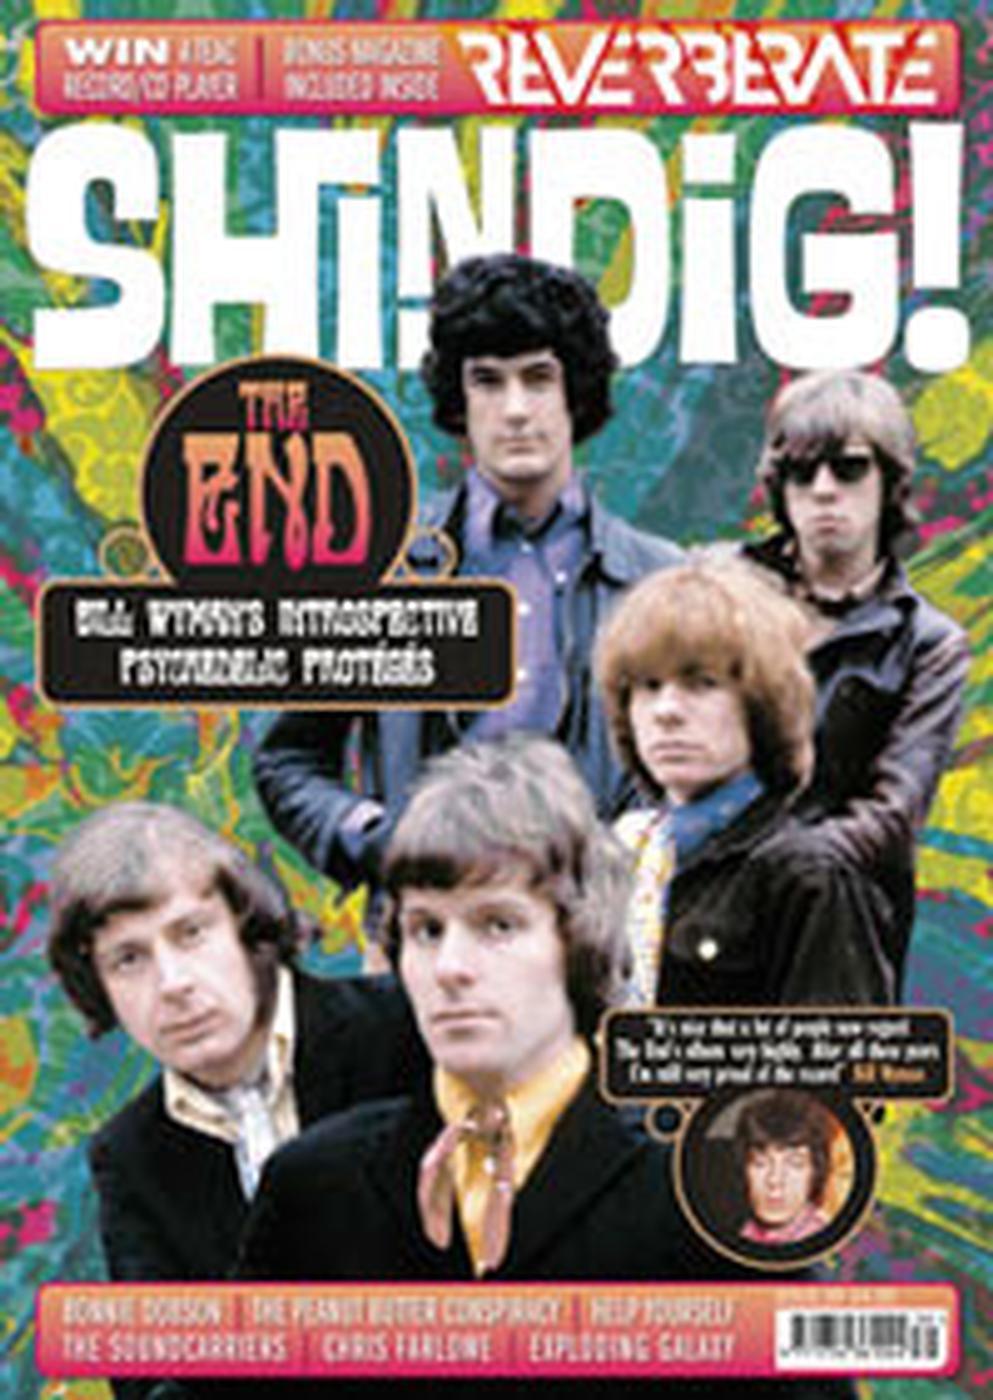 + SHINDIG! MAGAZINE Issue 39 Bill Wyman's The End